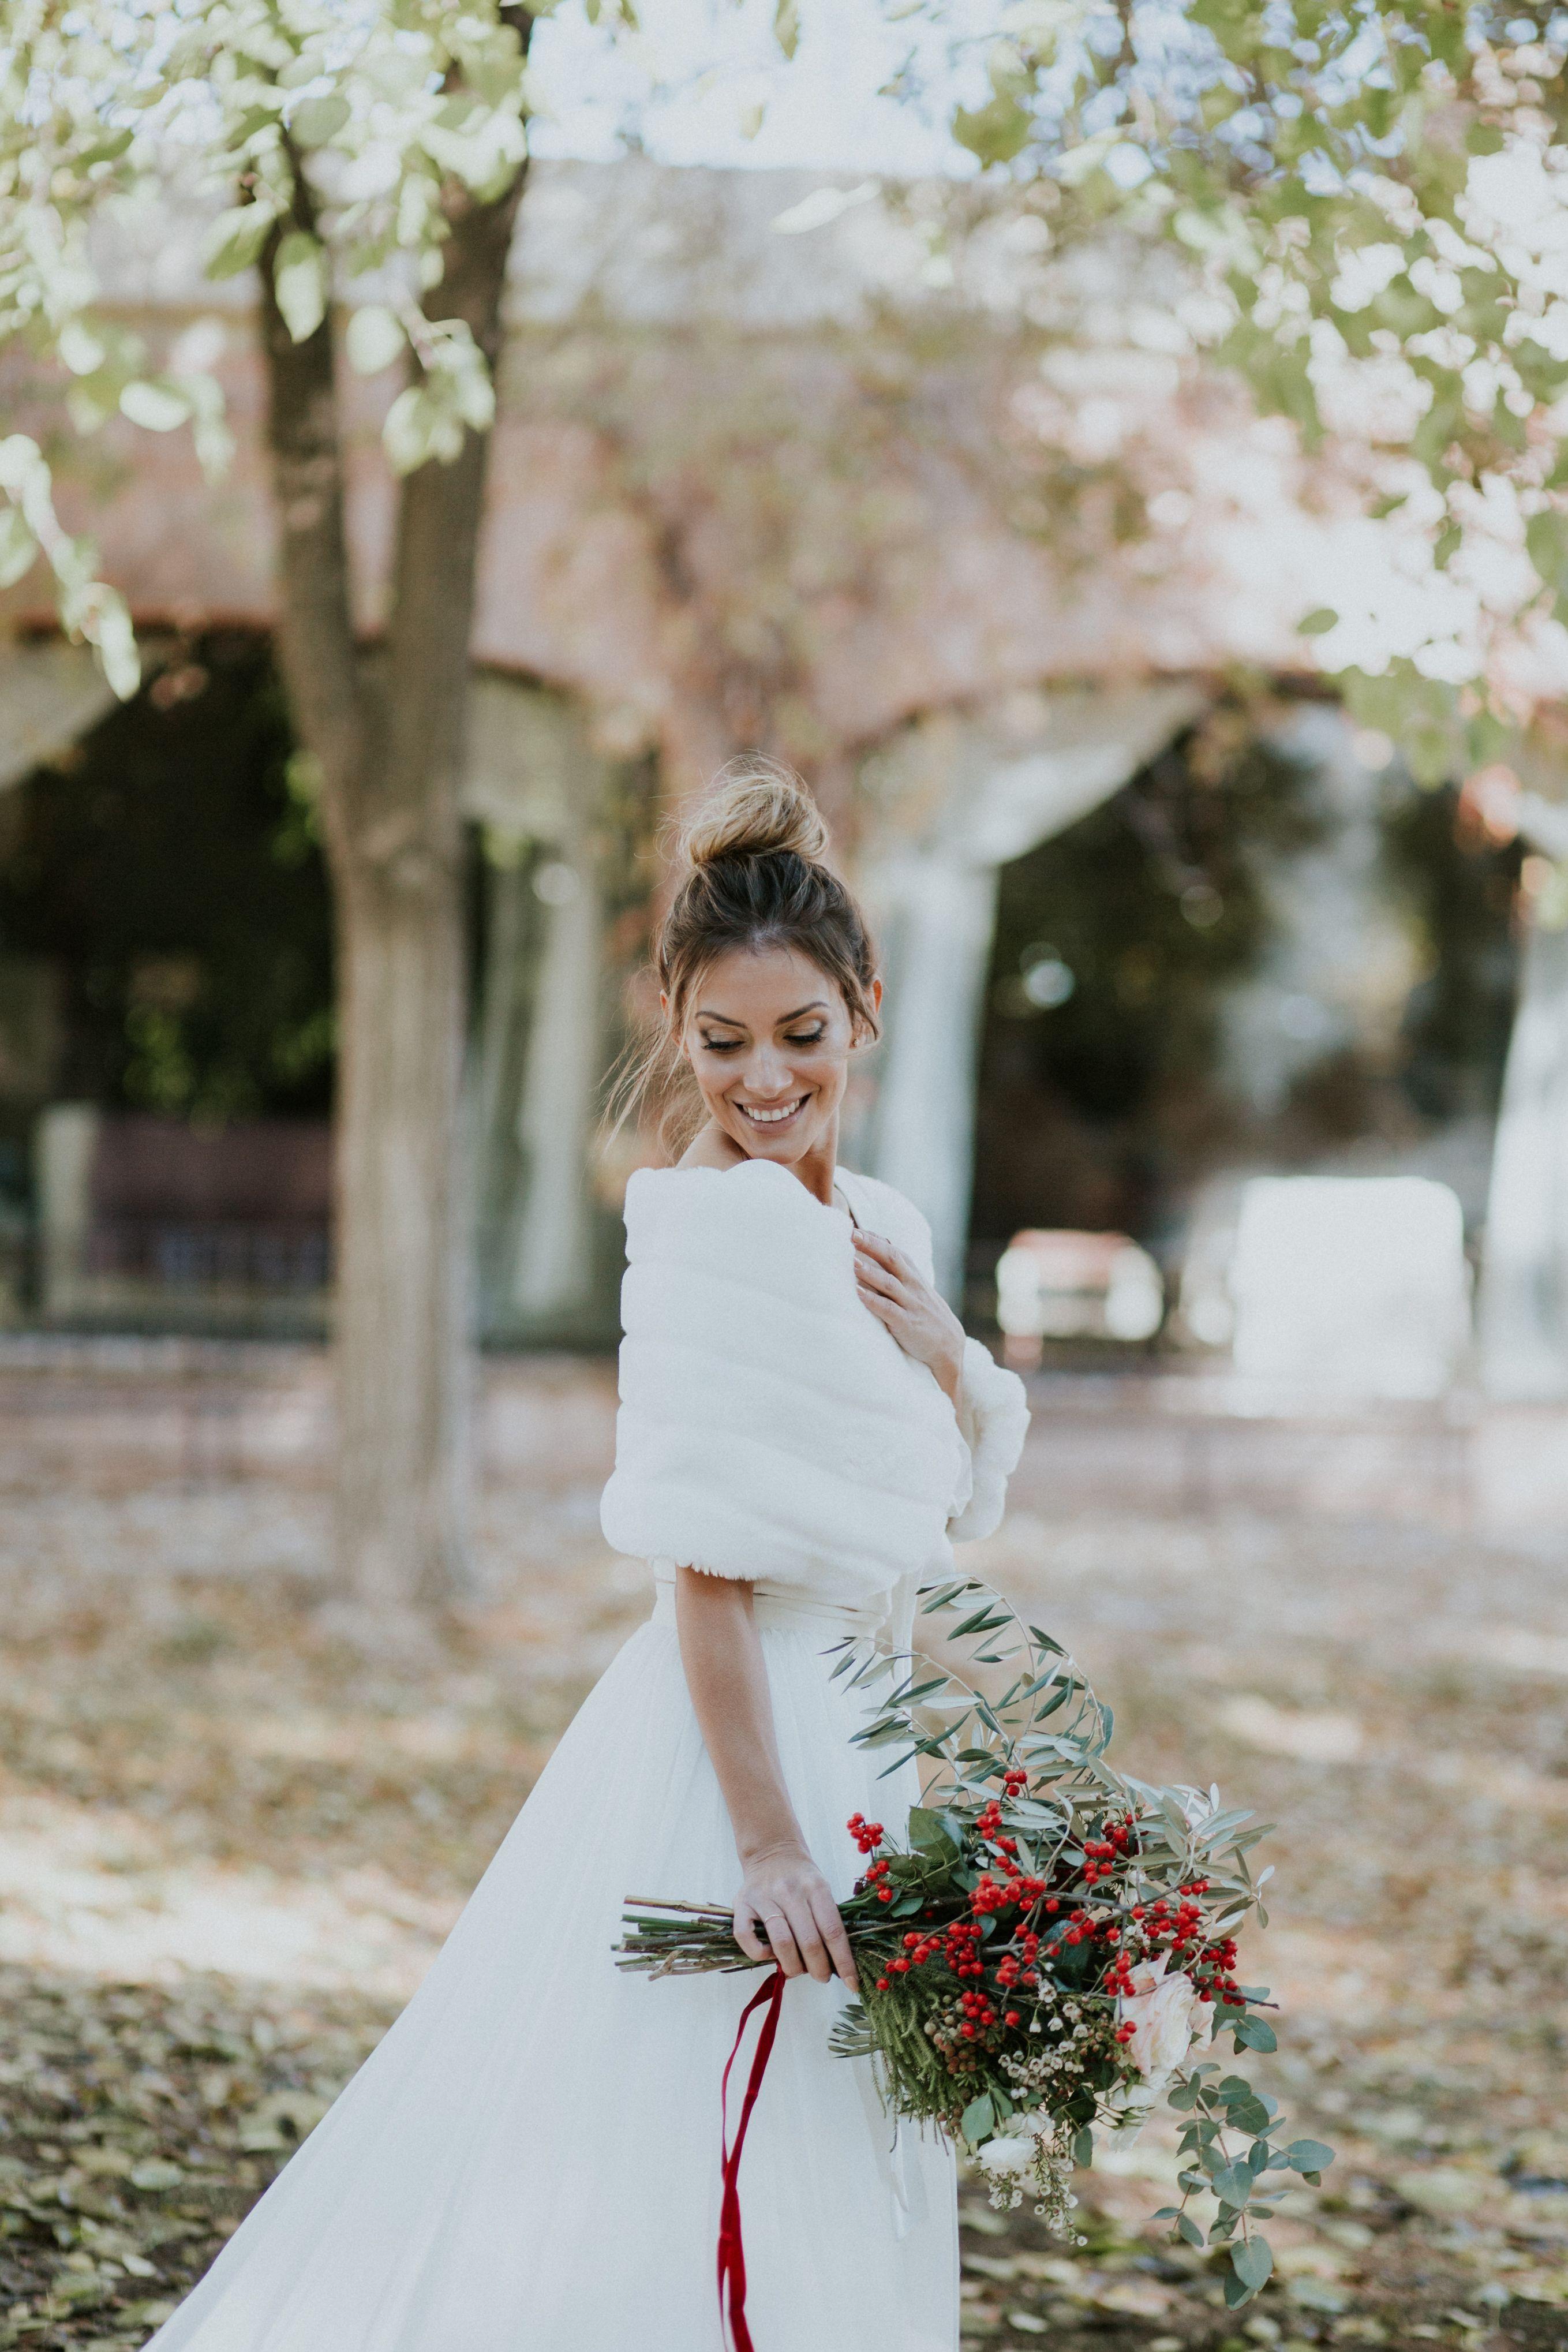 Marisa wedding dress  Una Boda Rústica en Navidad  Weddings with Love  Wedding Planner